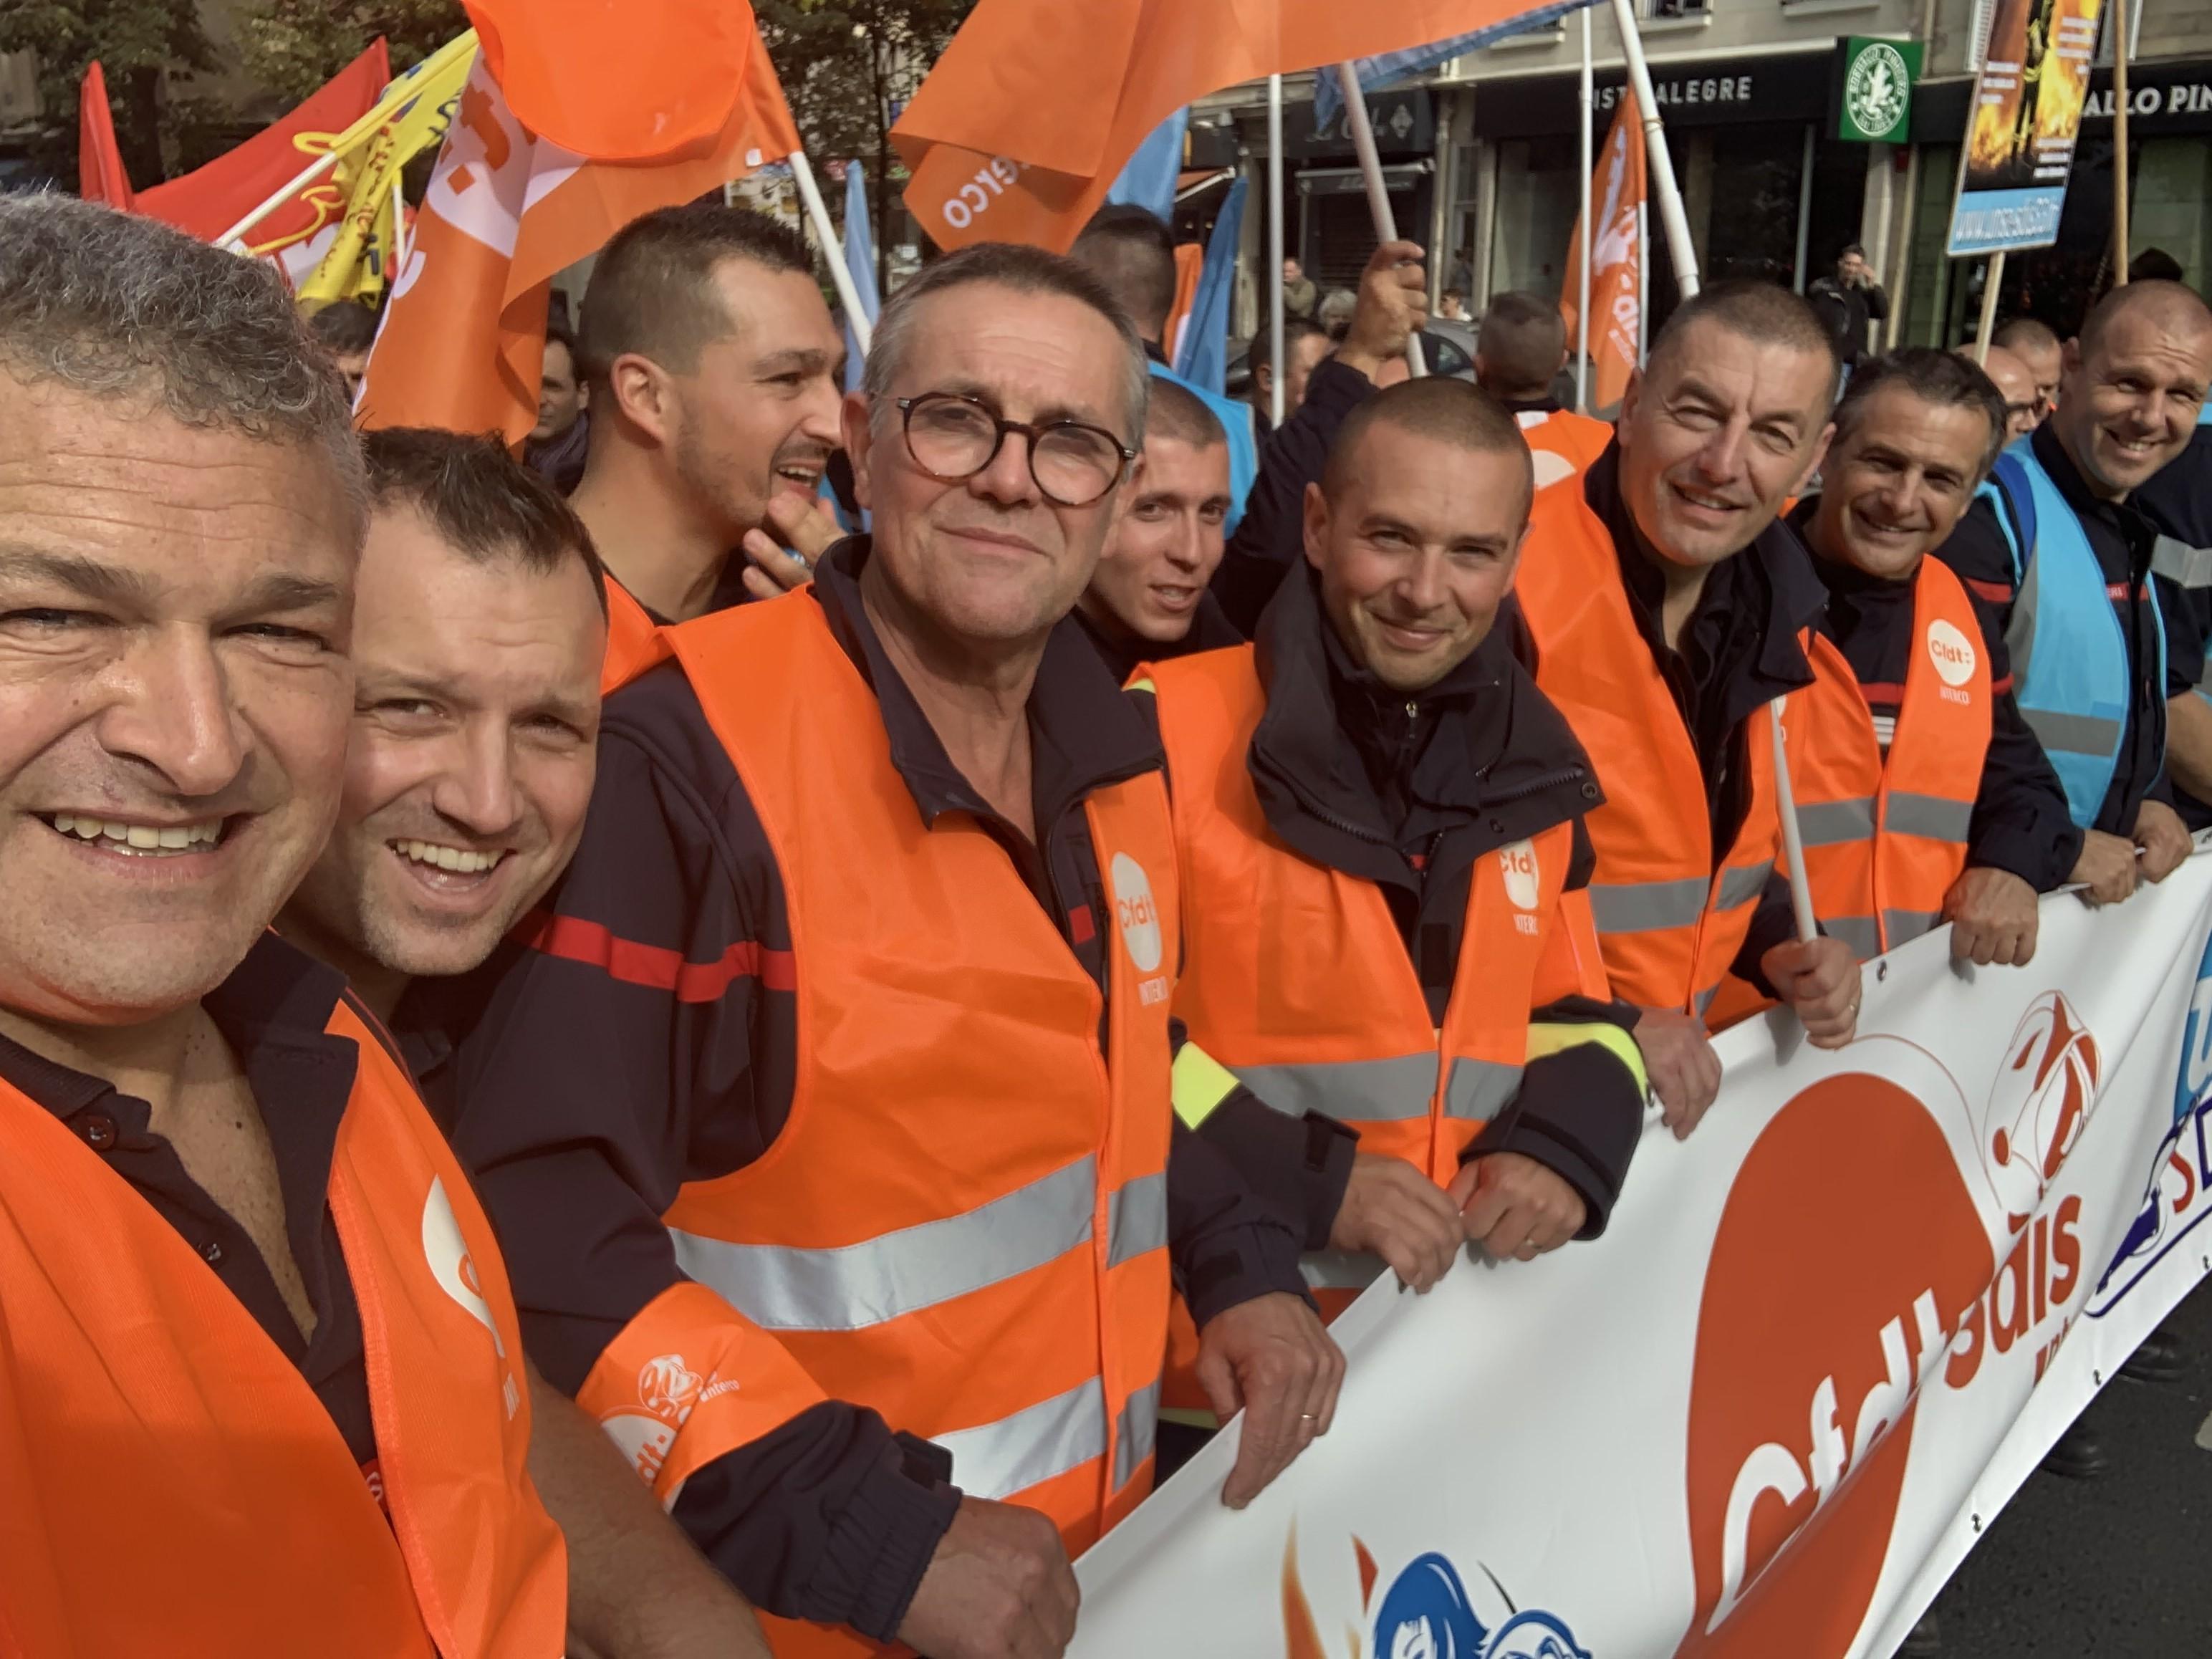 Mécontents de leurs conditions de travail, 150 pompiers haut-savoyards manifestent à Paris